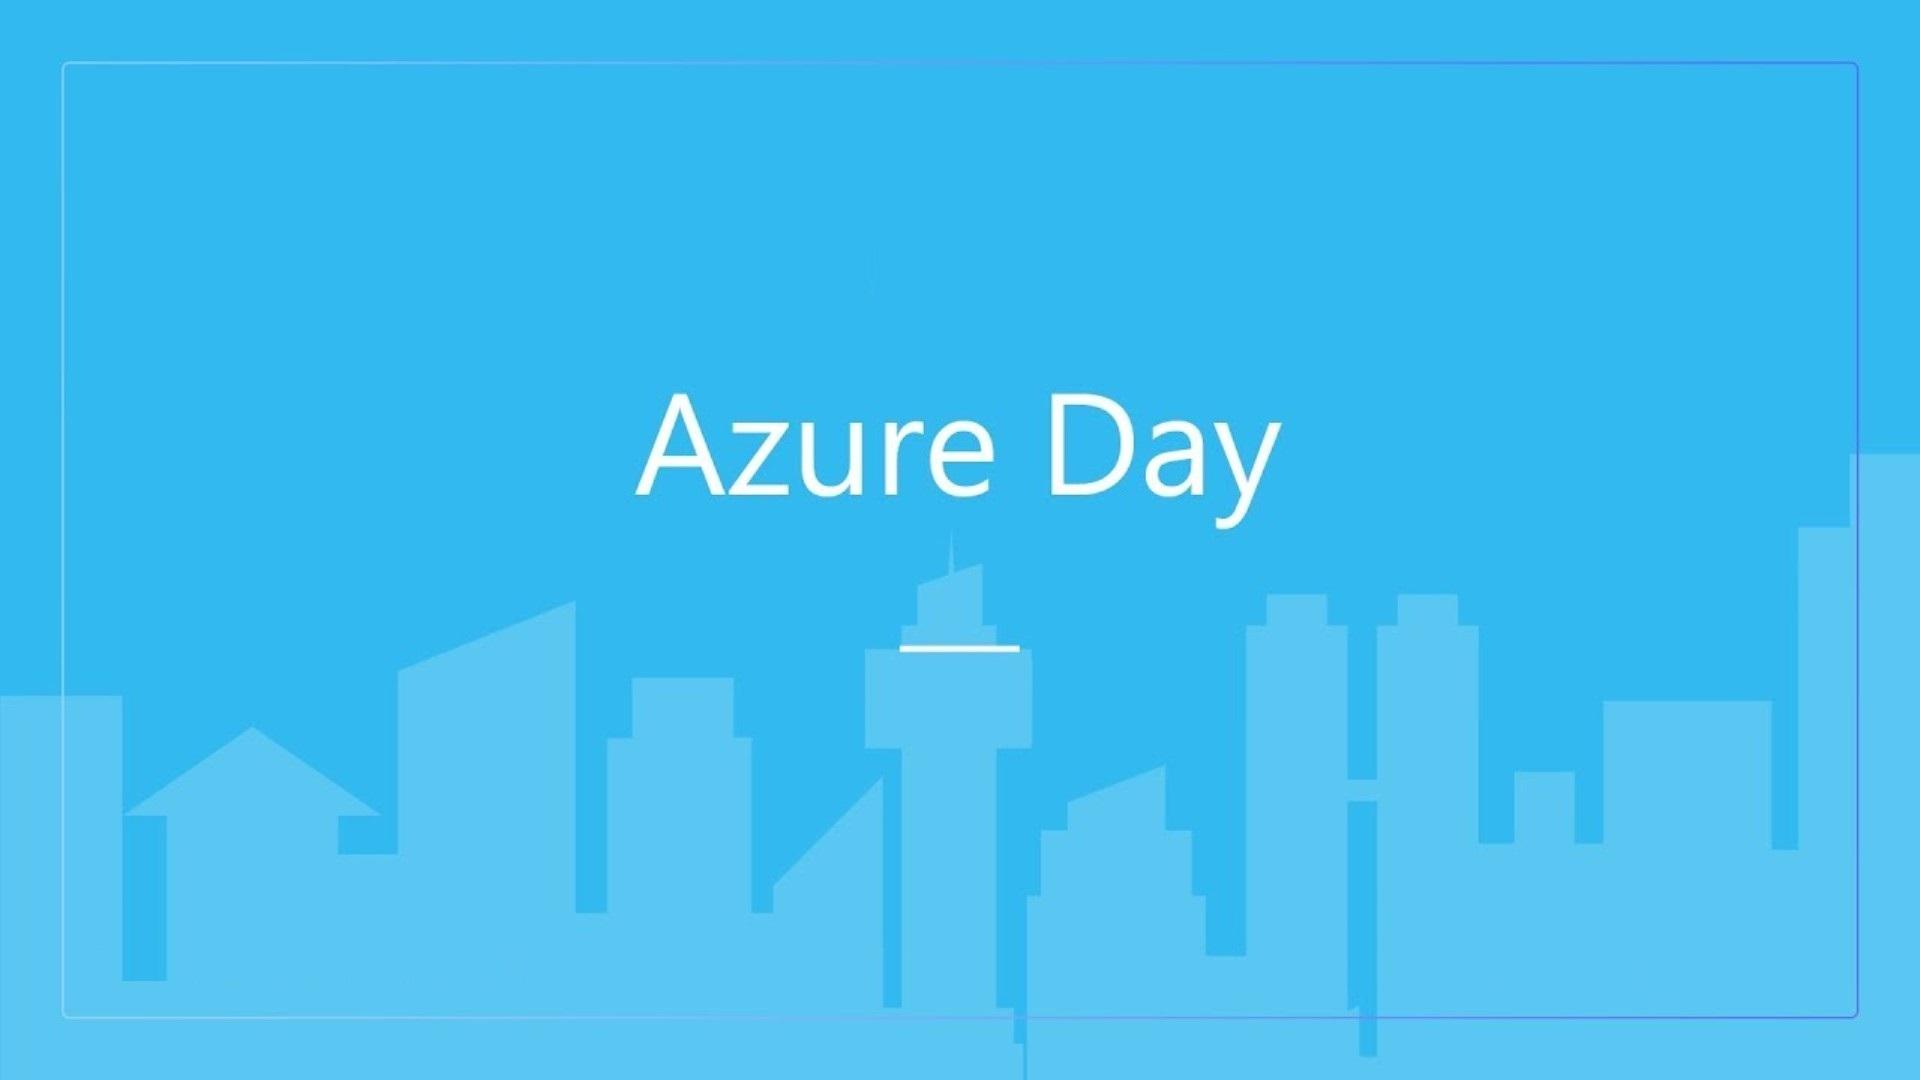 Azure-day_1920x1080_B.jpg